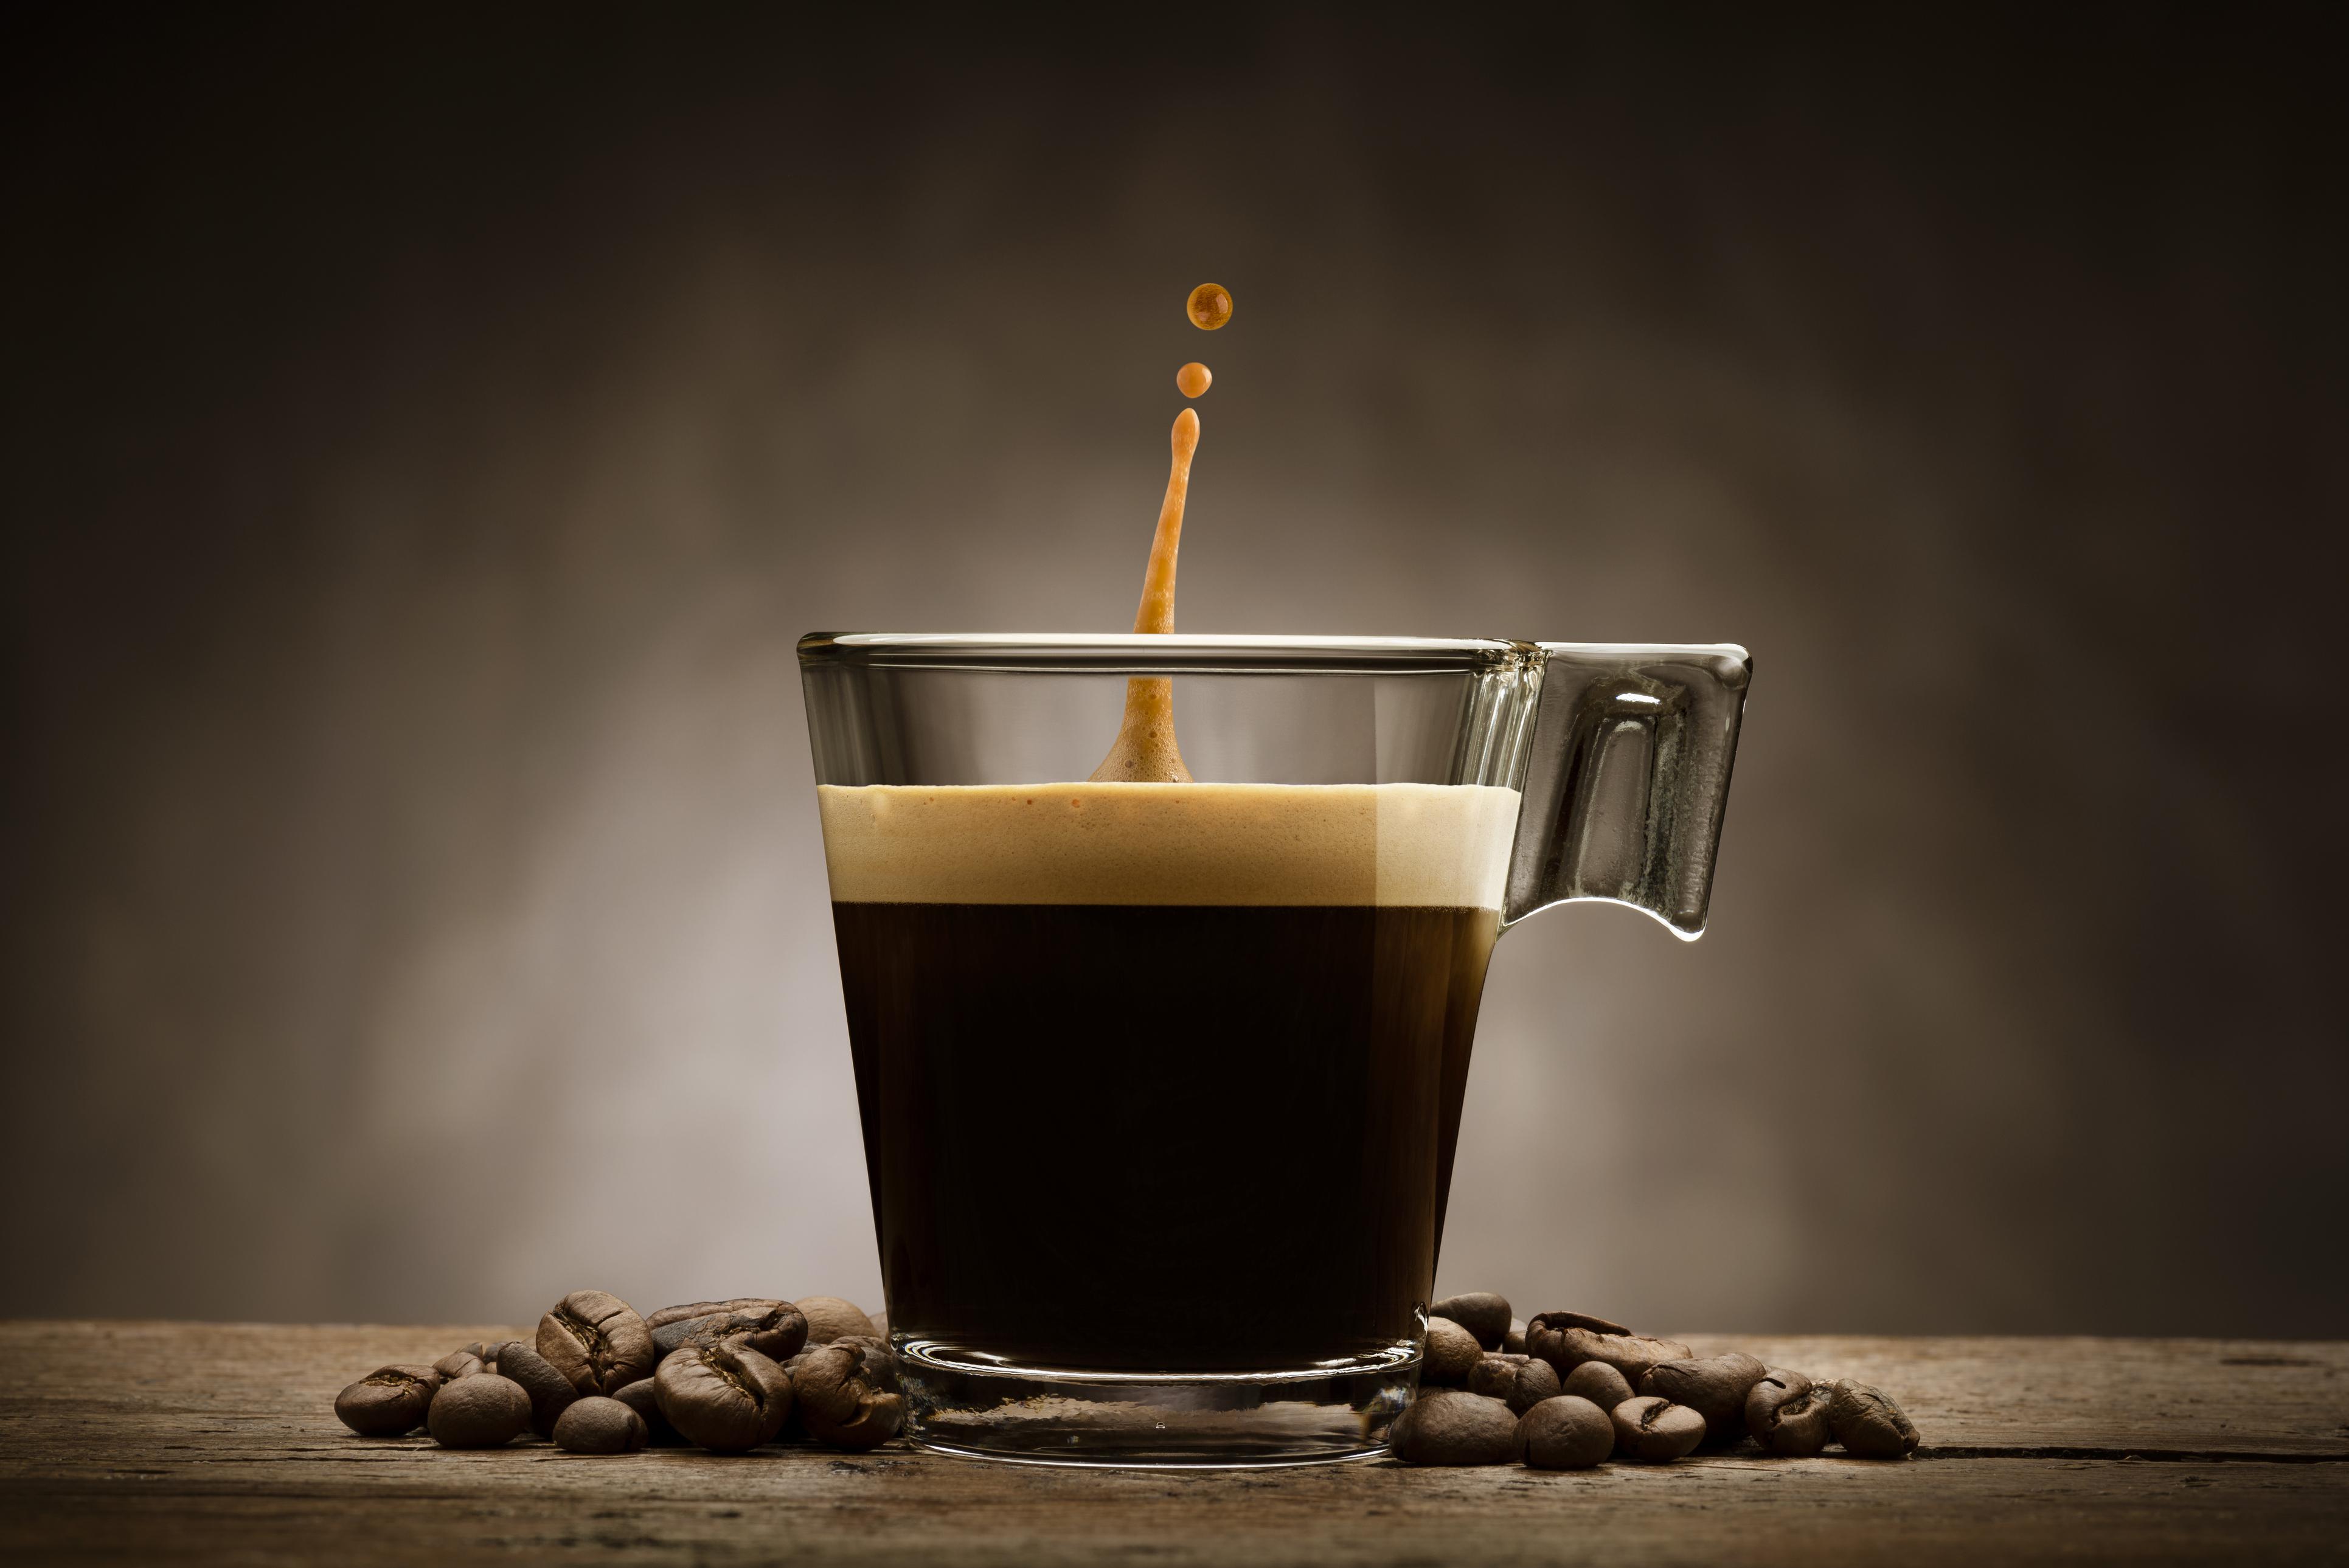 <p><strong>Кафе</strong></p>  <p>Една чаша кафе съдържа близо 500 милиграма кофеин. На повечето от нас ни е известно, че кофеинът може да повлияе на нервната система, като предизвика неспокойство. Експерти предупреждават, че кофеинът по време на полет може да доведе до главоболие и мускулни крампи.</p>